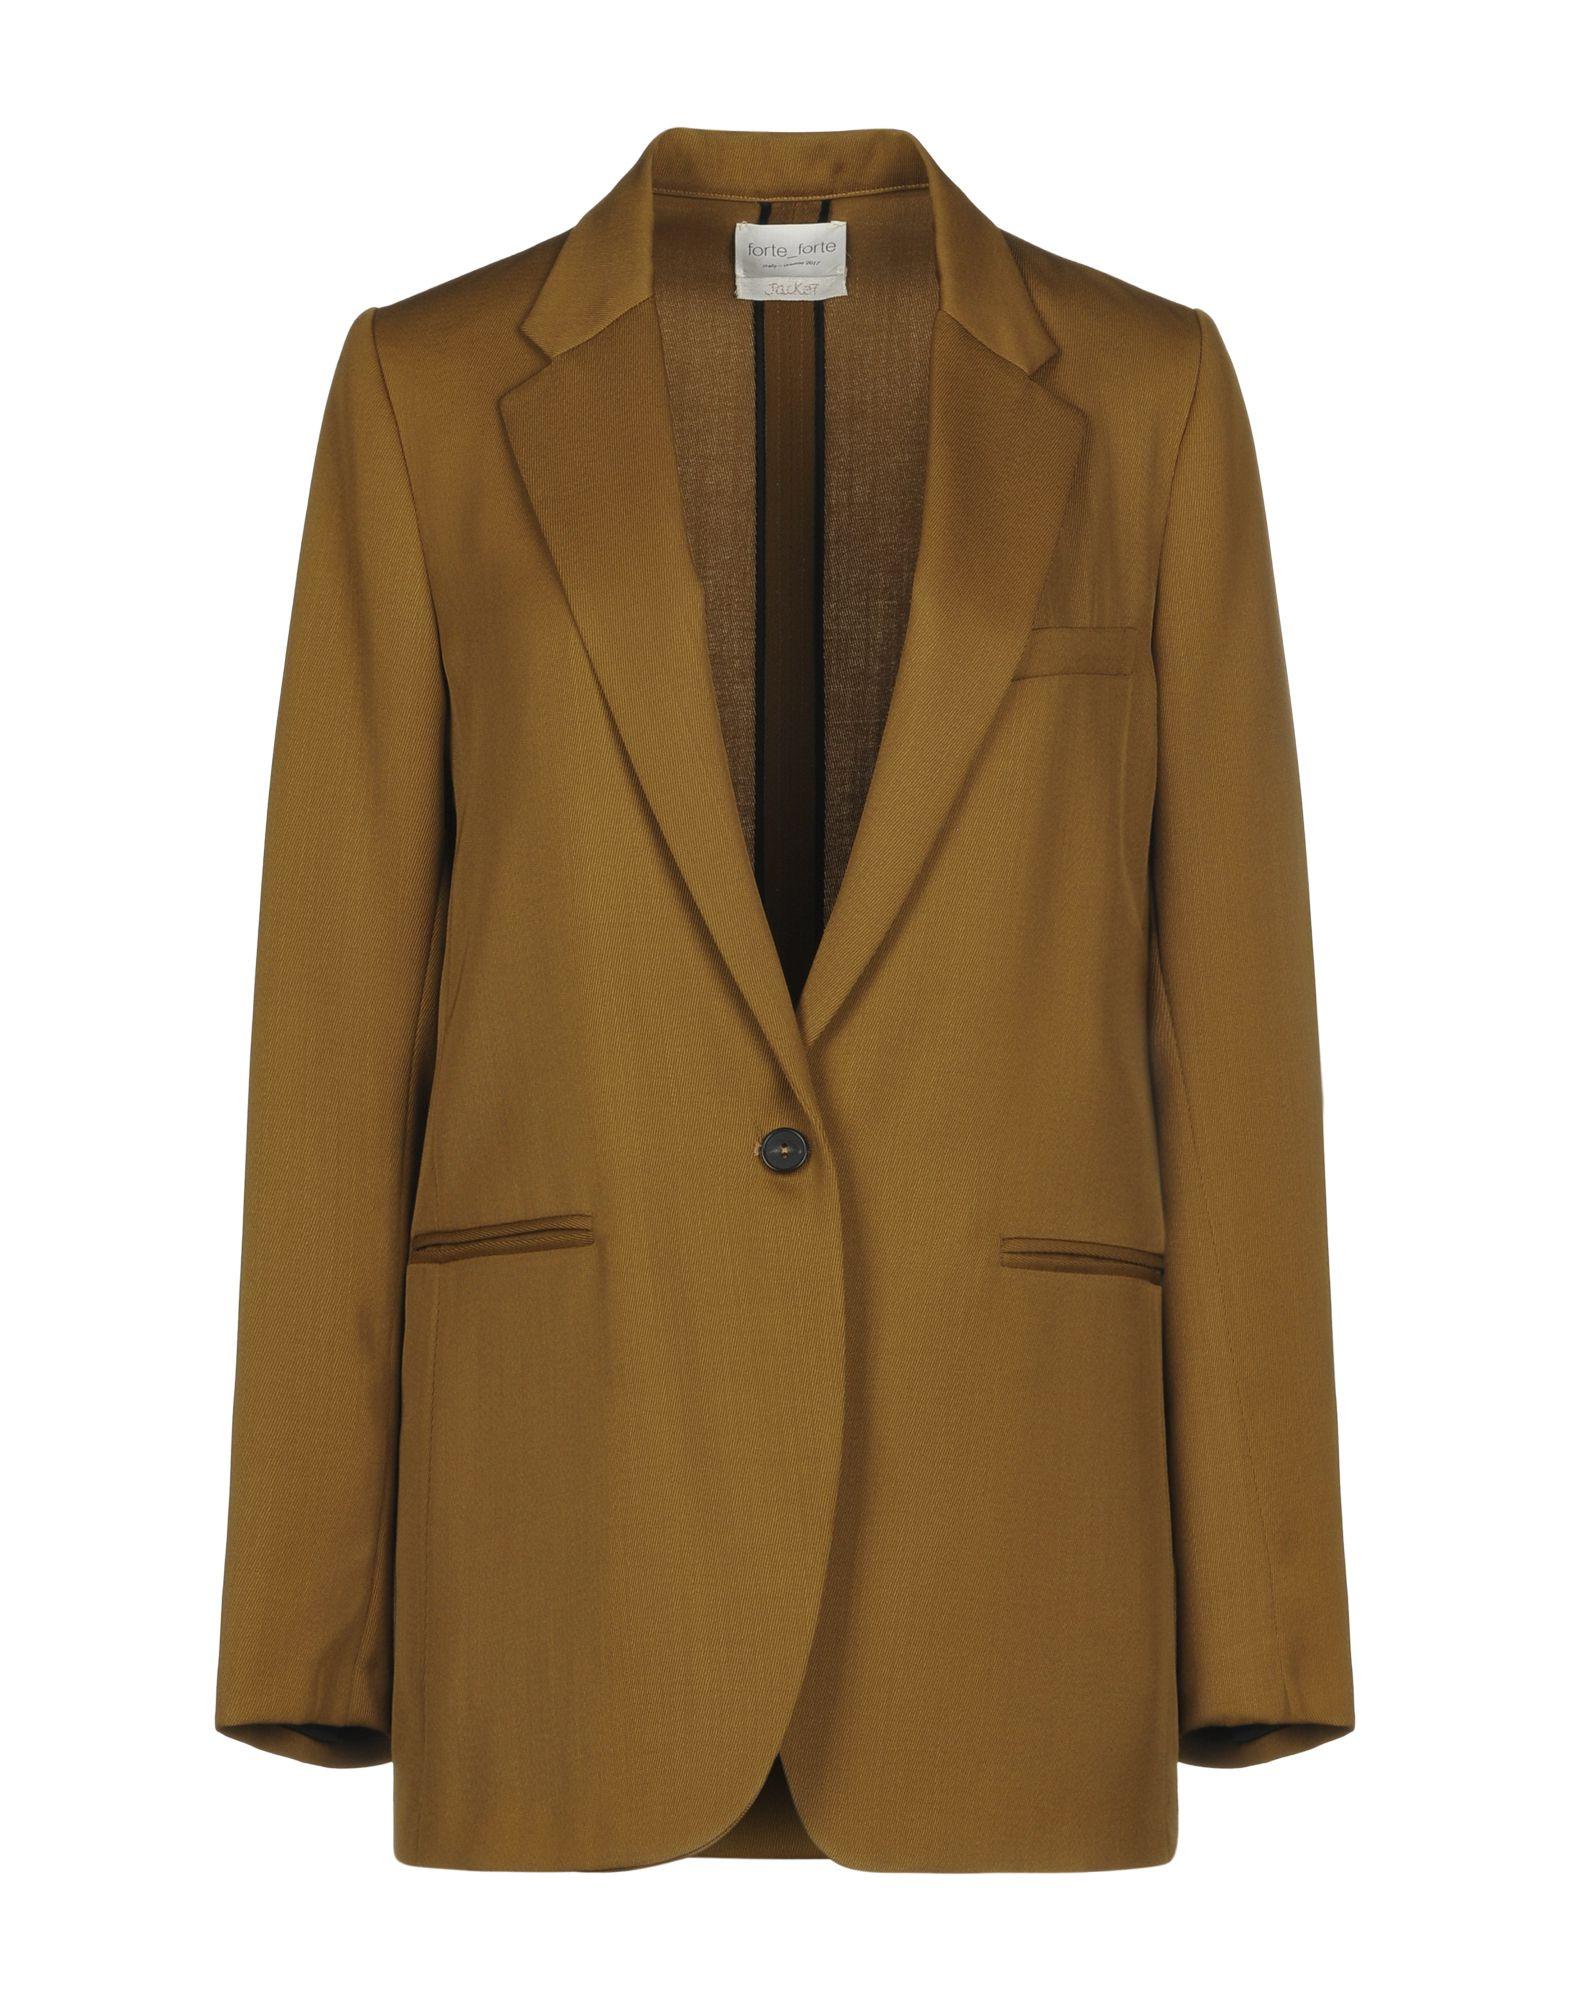 женский зеленый пиджак купить